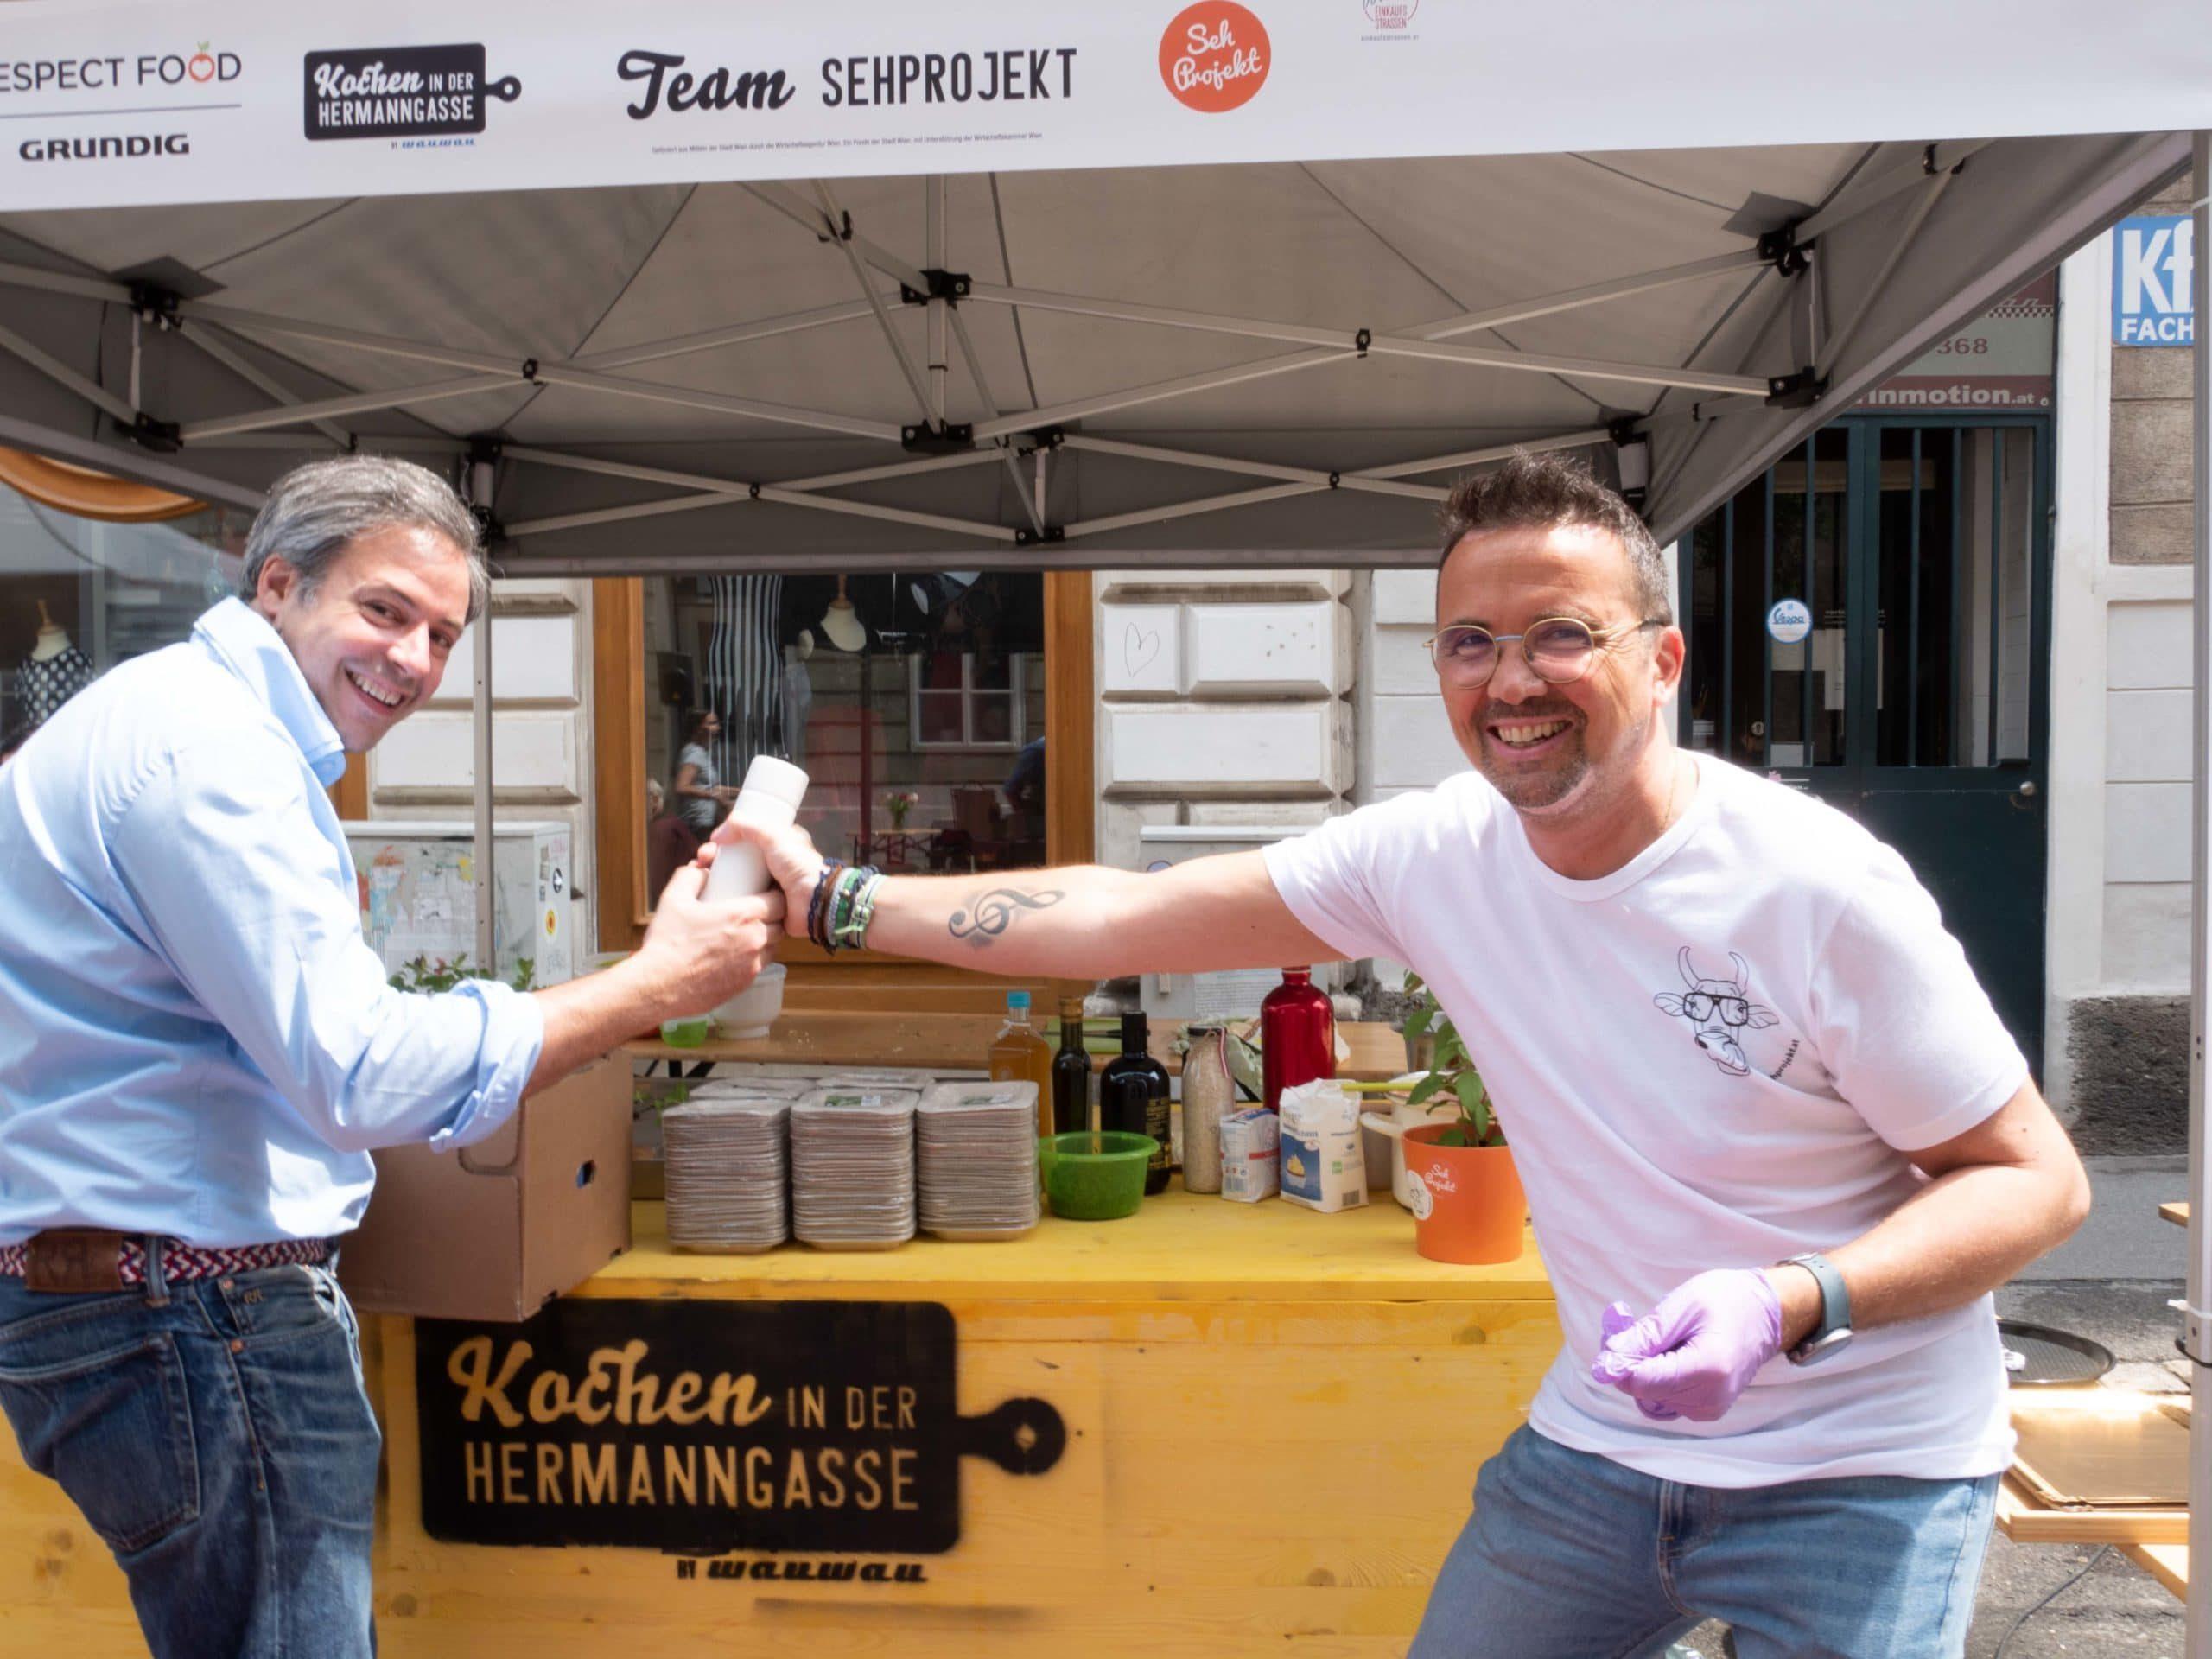 Kochen in der Hermanngasse 2019 Team Sehprojekt